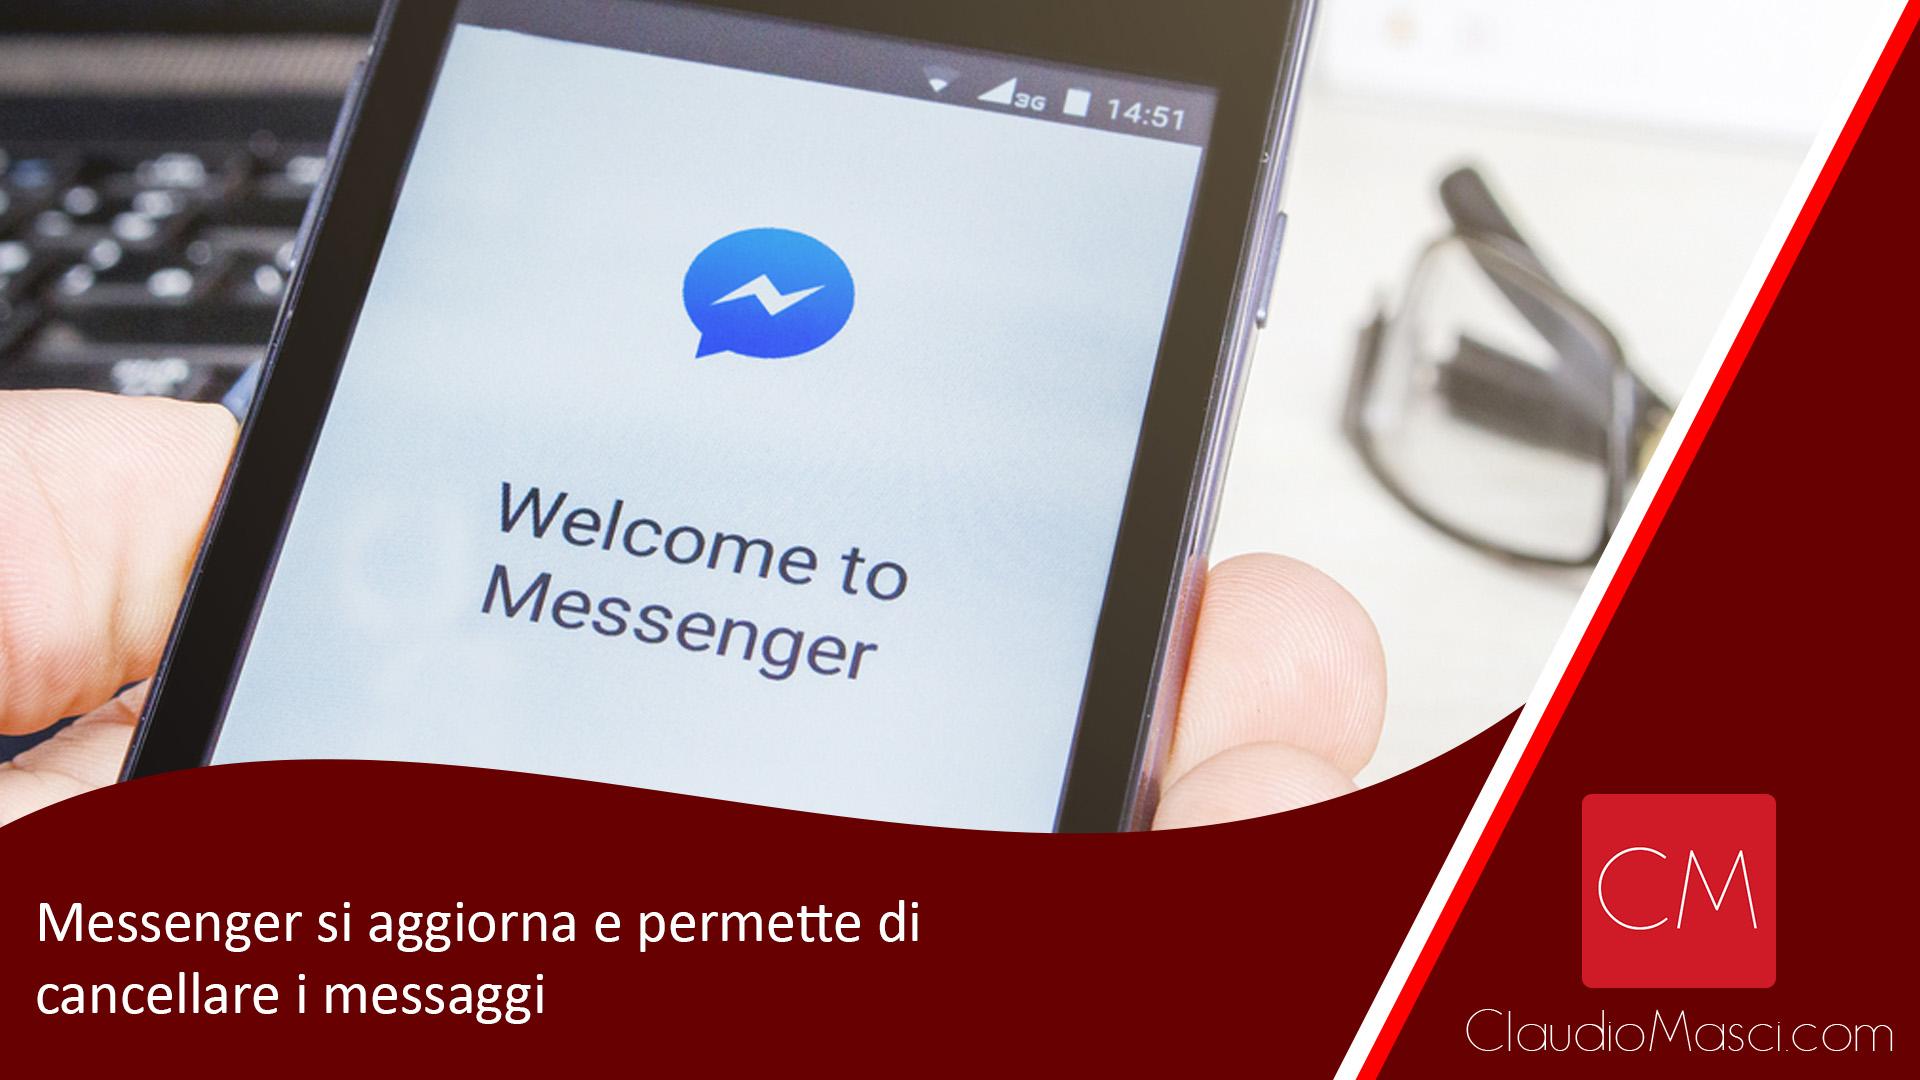 Messenger si aggiorna e permette di cancellare i messaggi